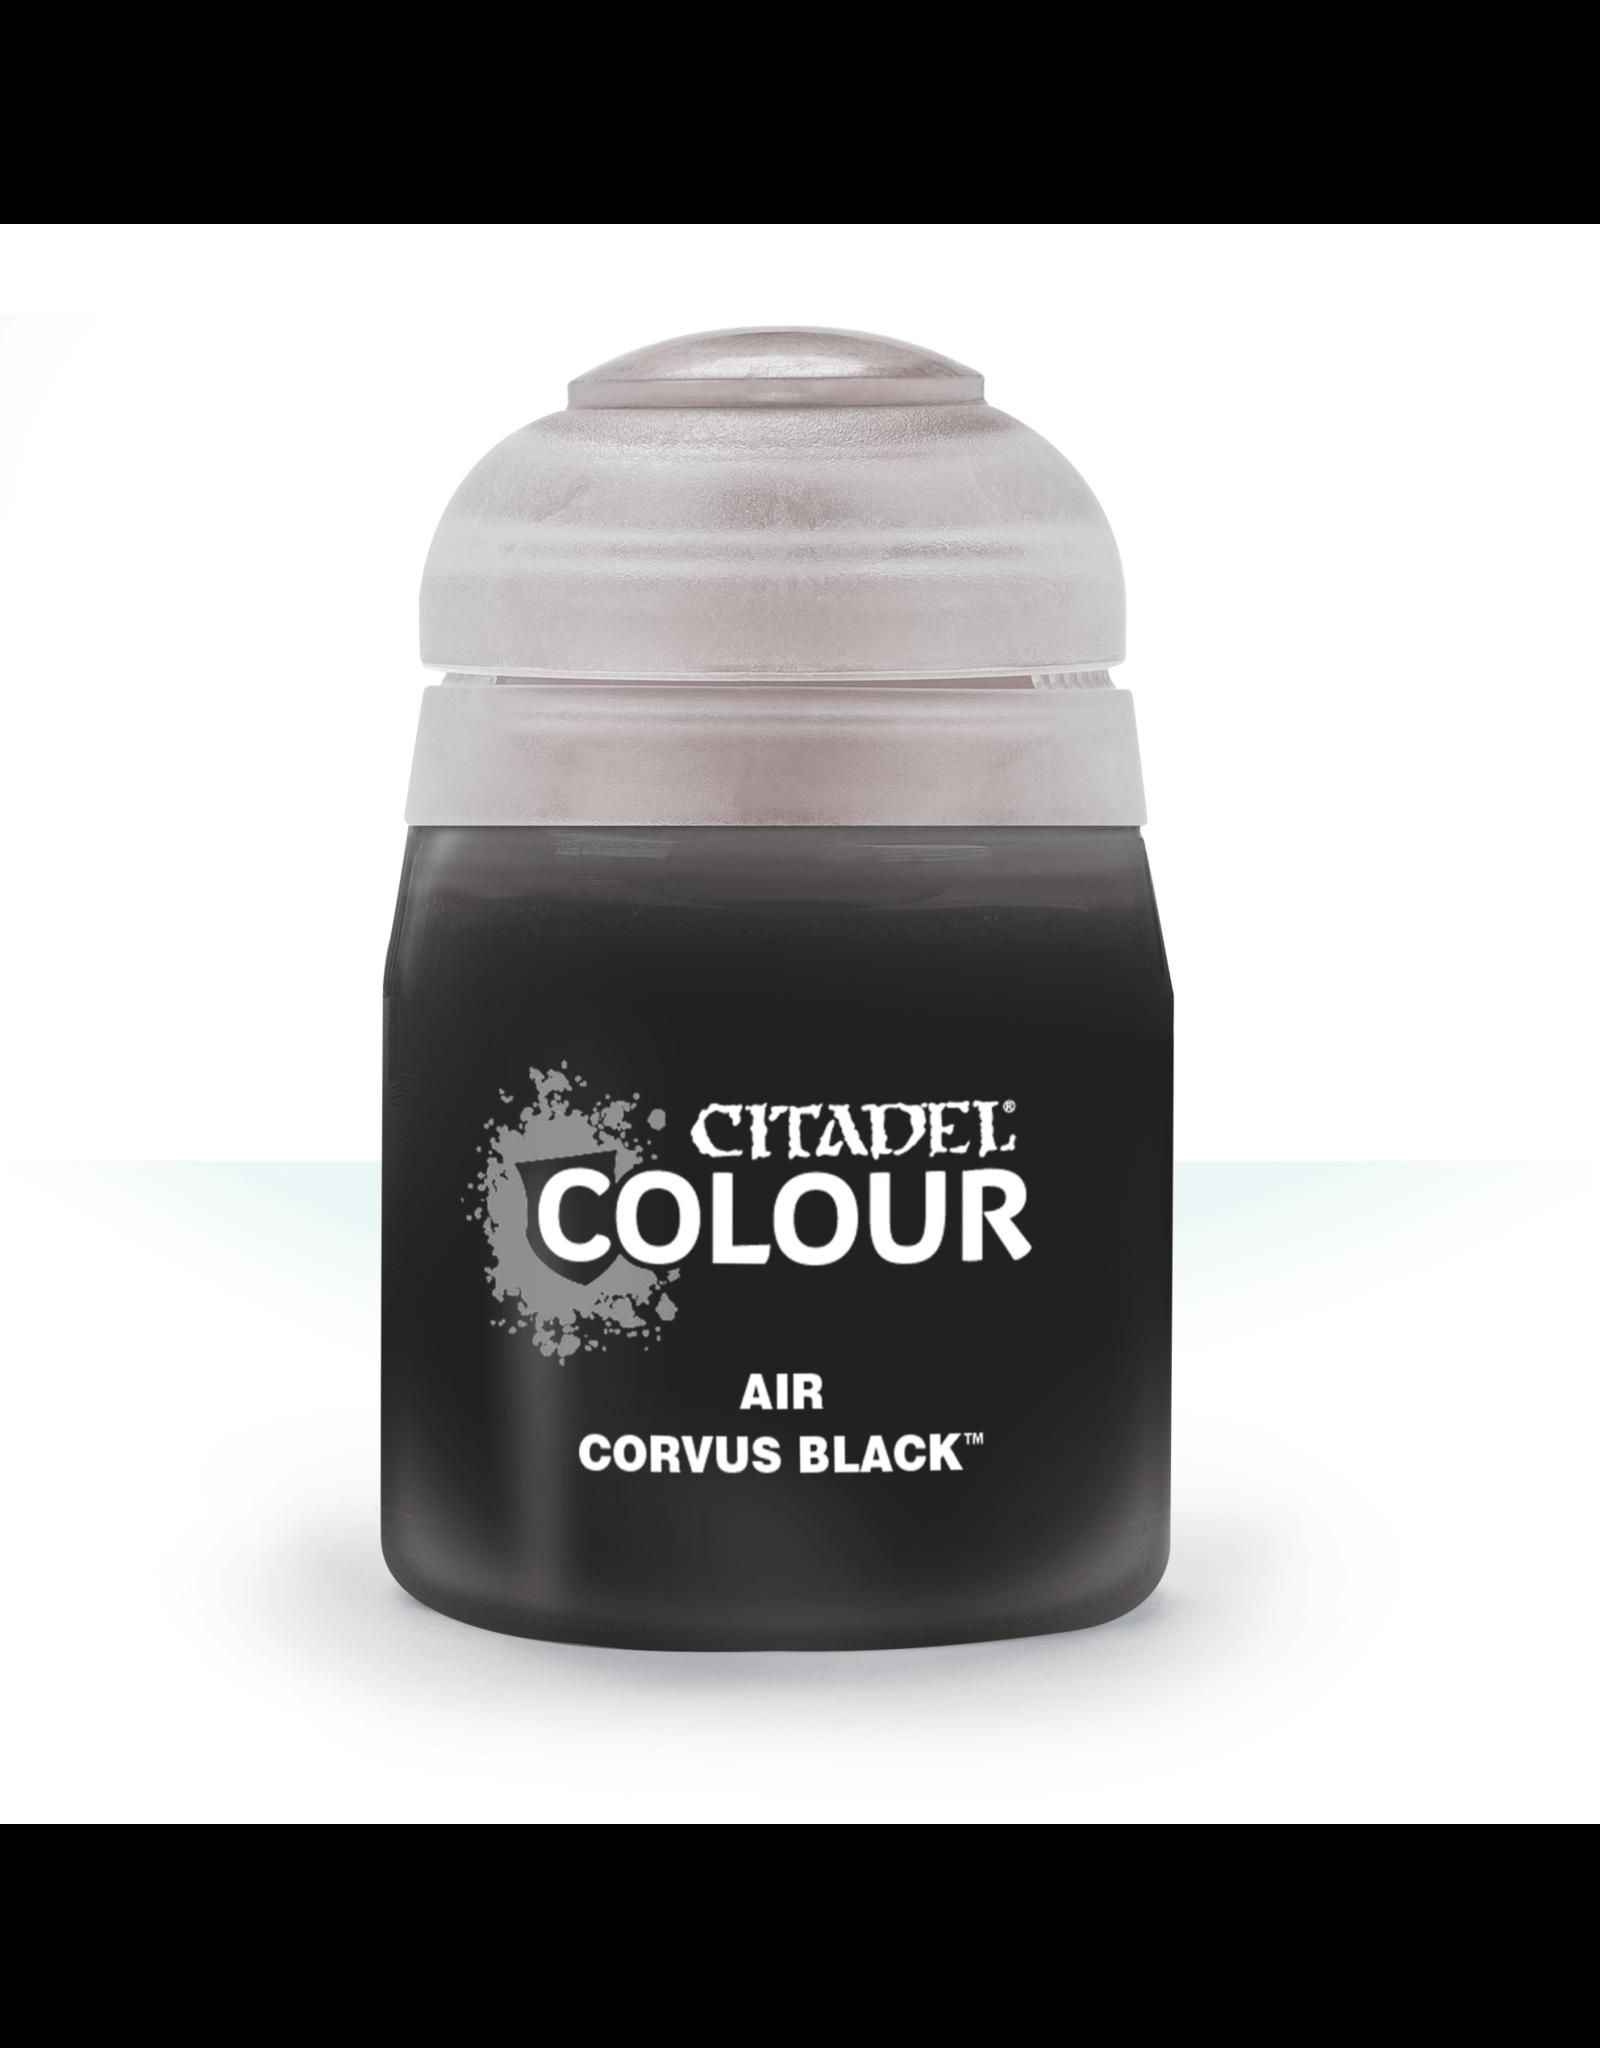 Citadel Citadel Paints Air Paint Corvus Black